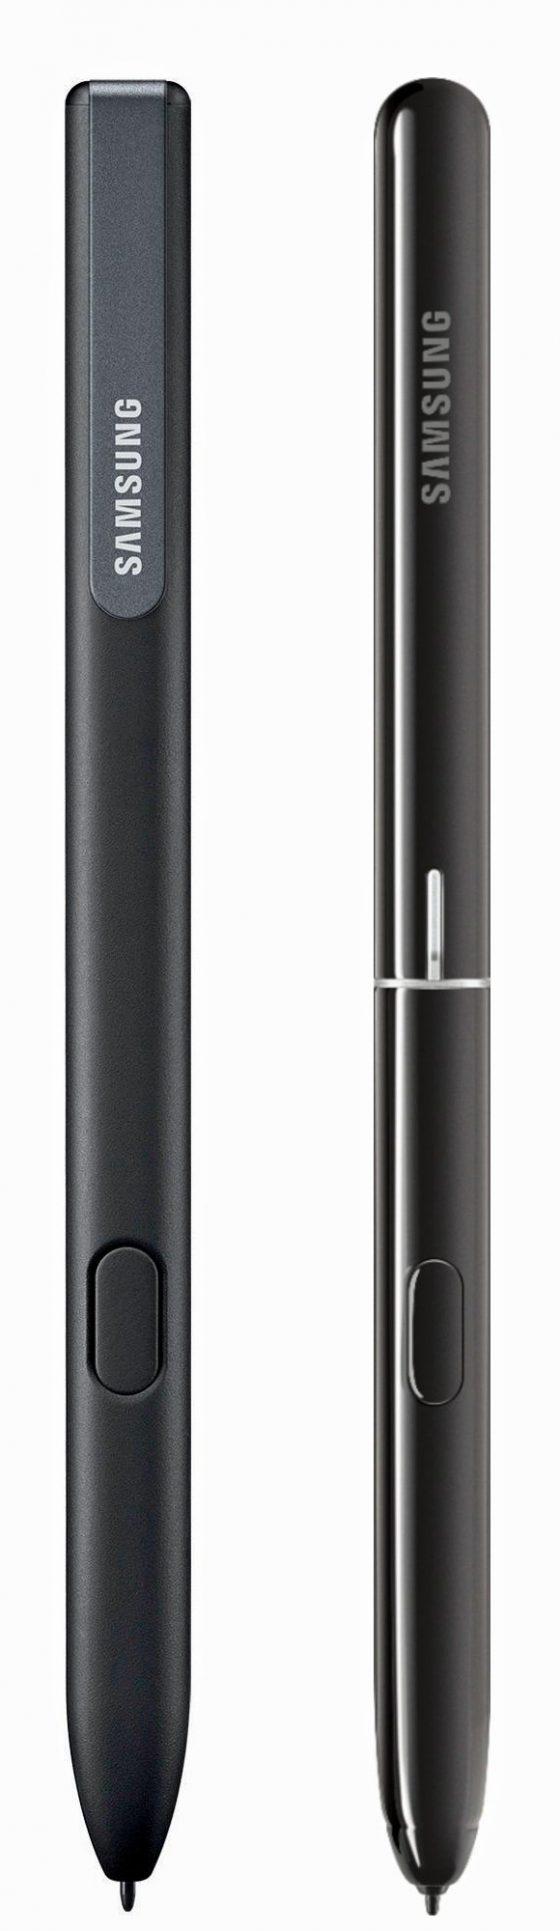 Samsung Galaxy Tab S4 S Pen dla Galaxy Note 9